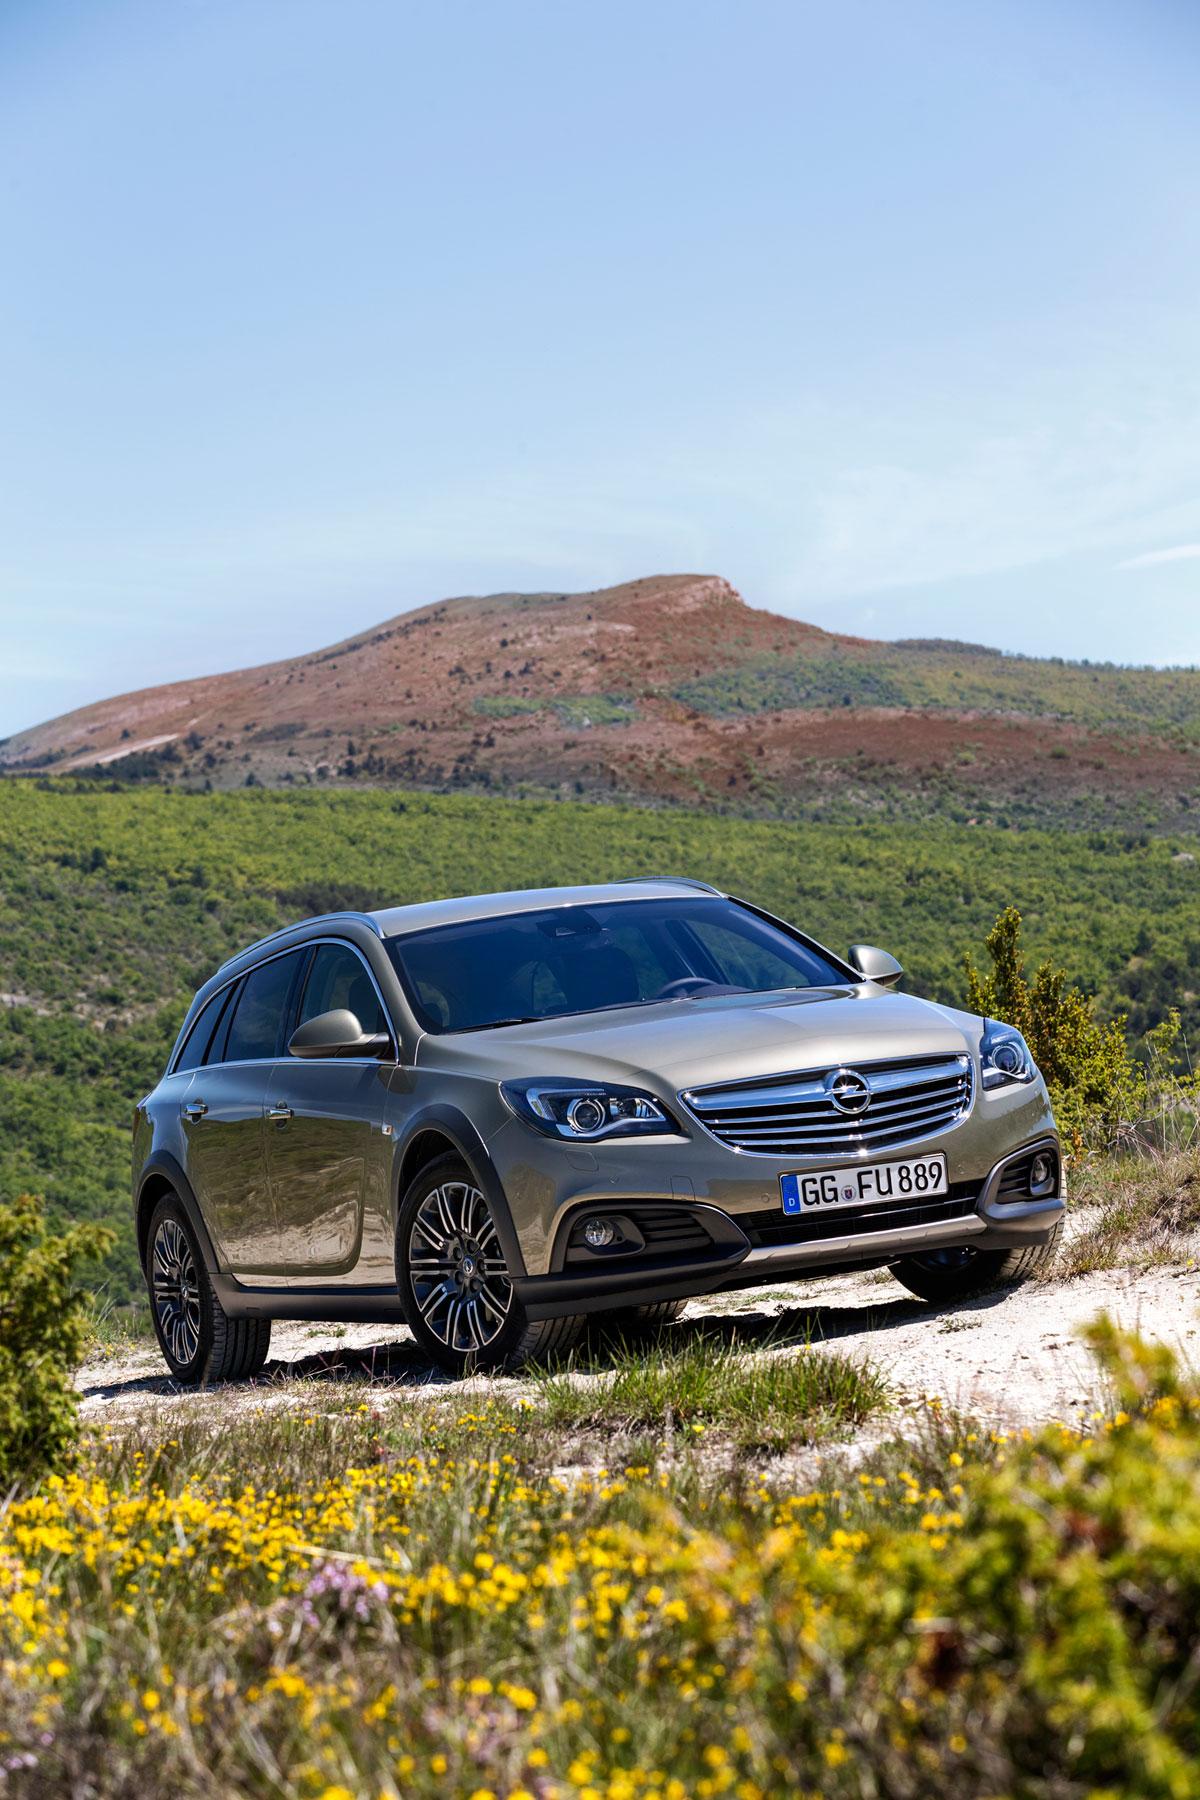 Fondo Pantalla Opel Insignia-country-tourer Suv Monovolumen 2013 Exteriores (4)